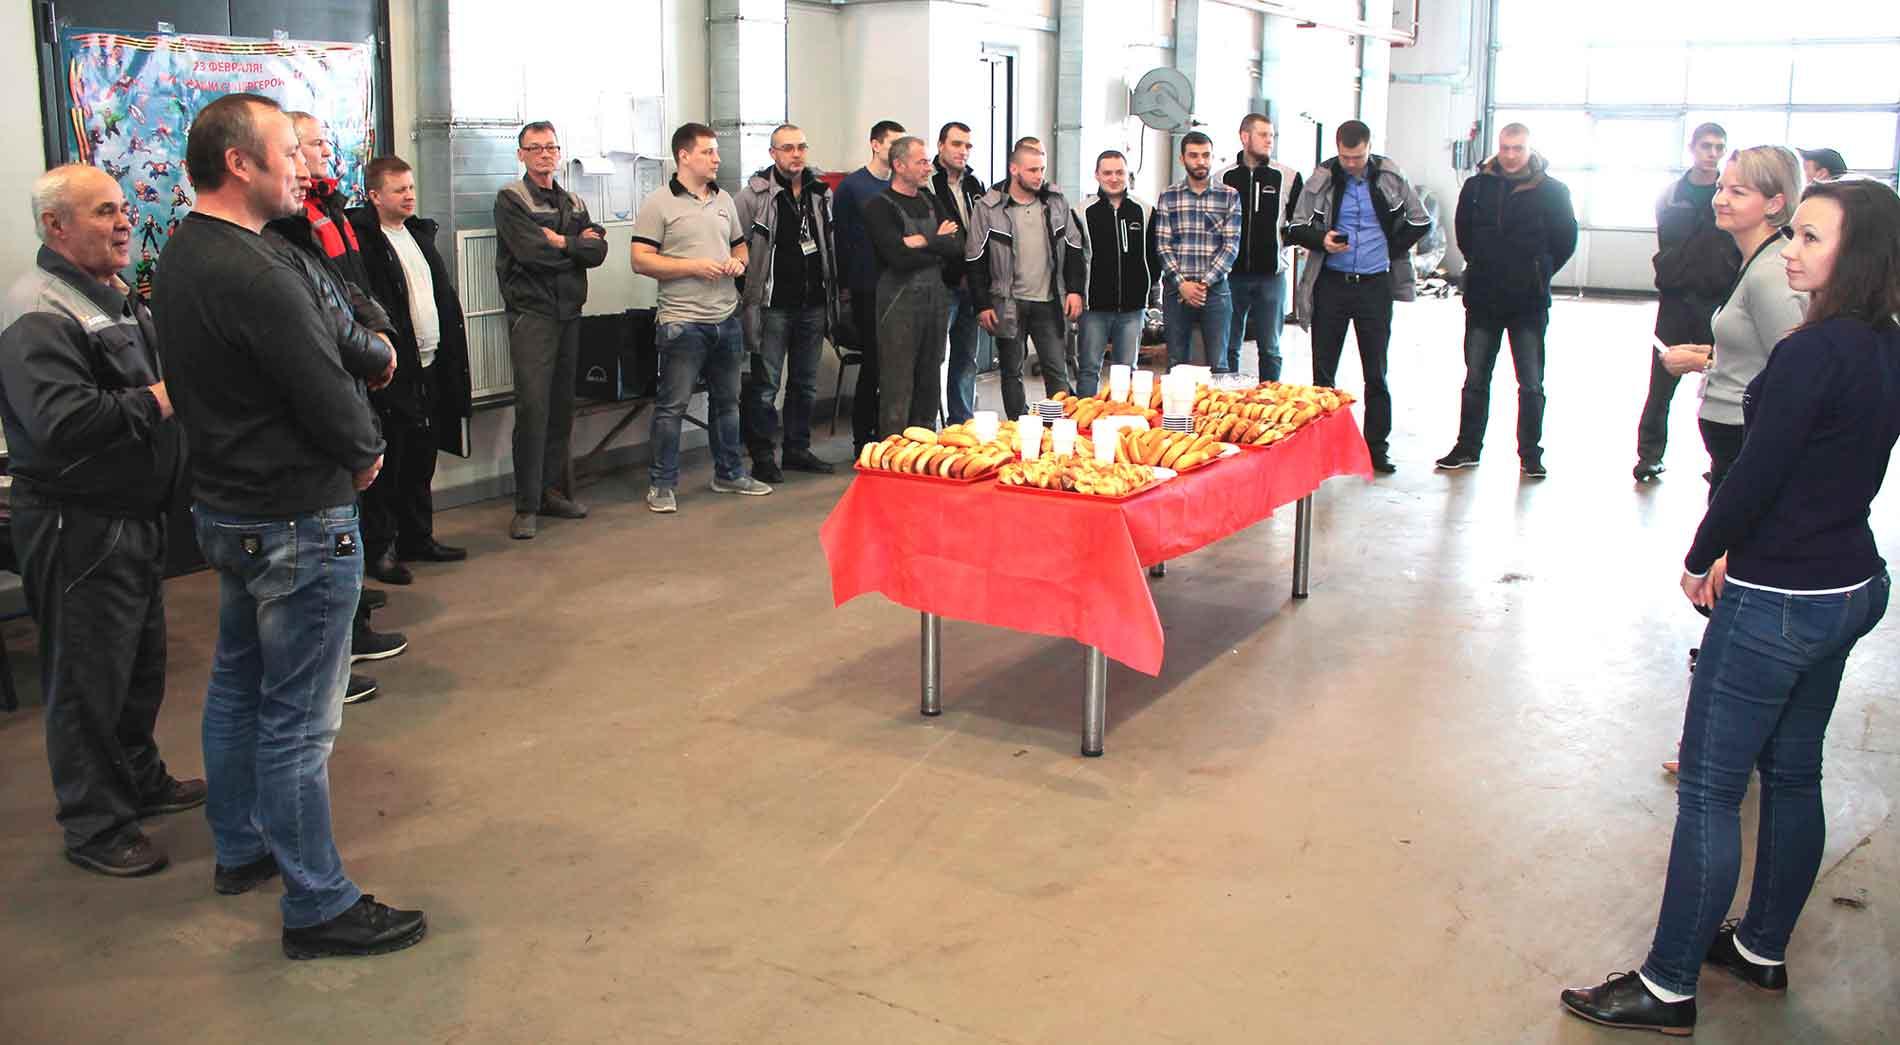 В пятницу на нашей станции MAN состоялся праздничный обед, посвященный  «Дню защитника Отечества»!